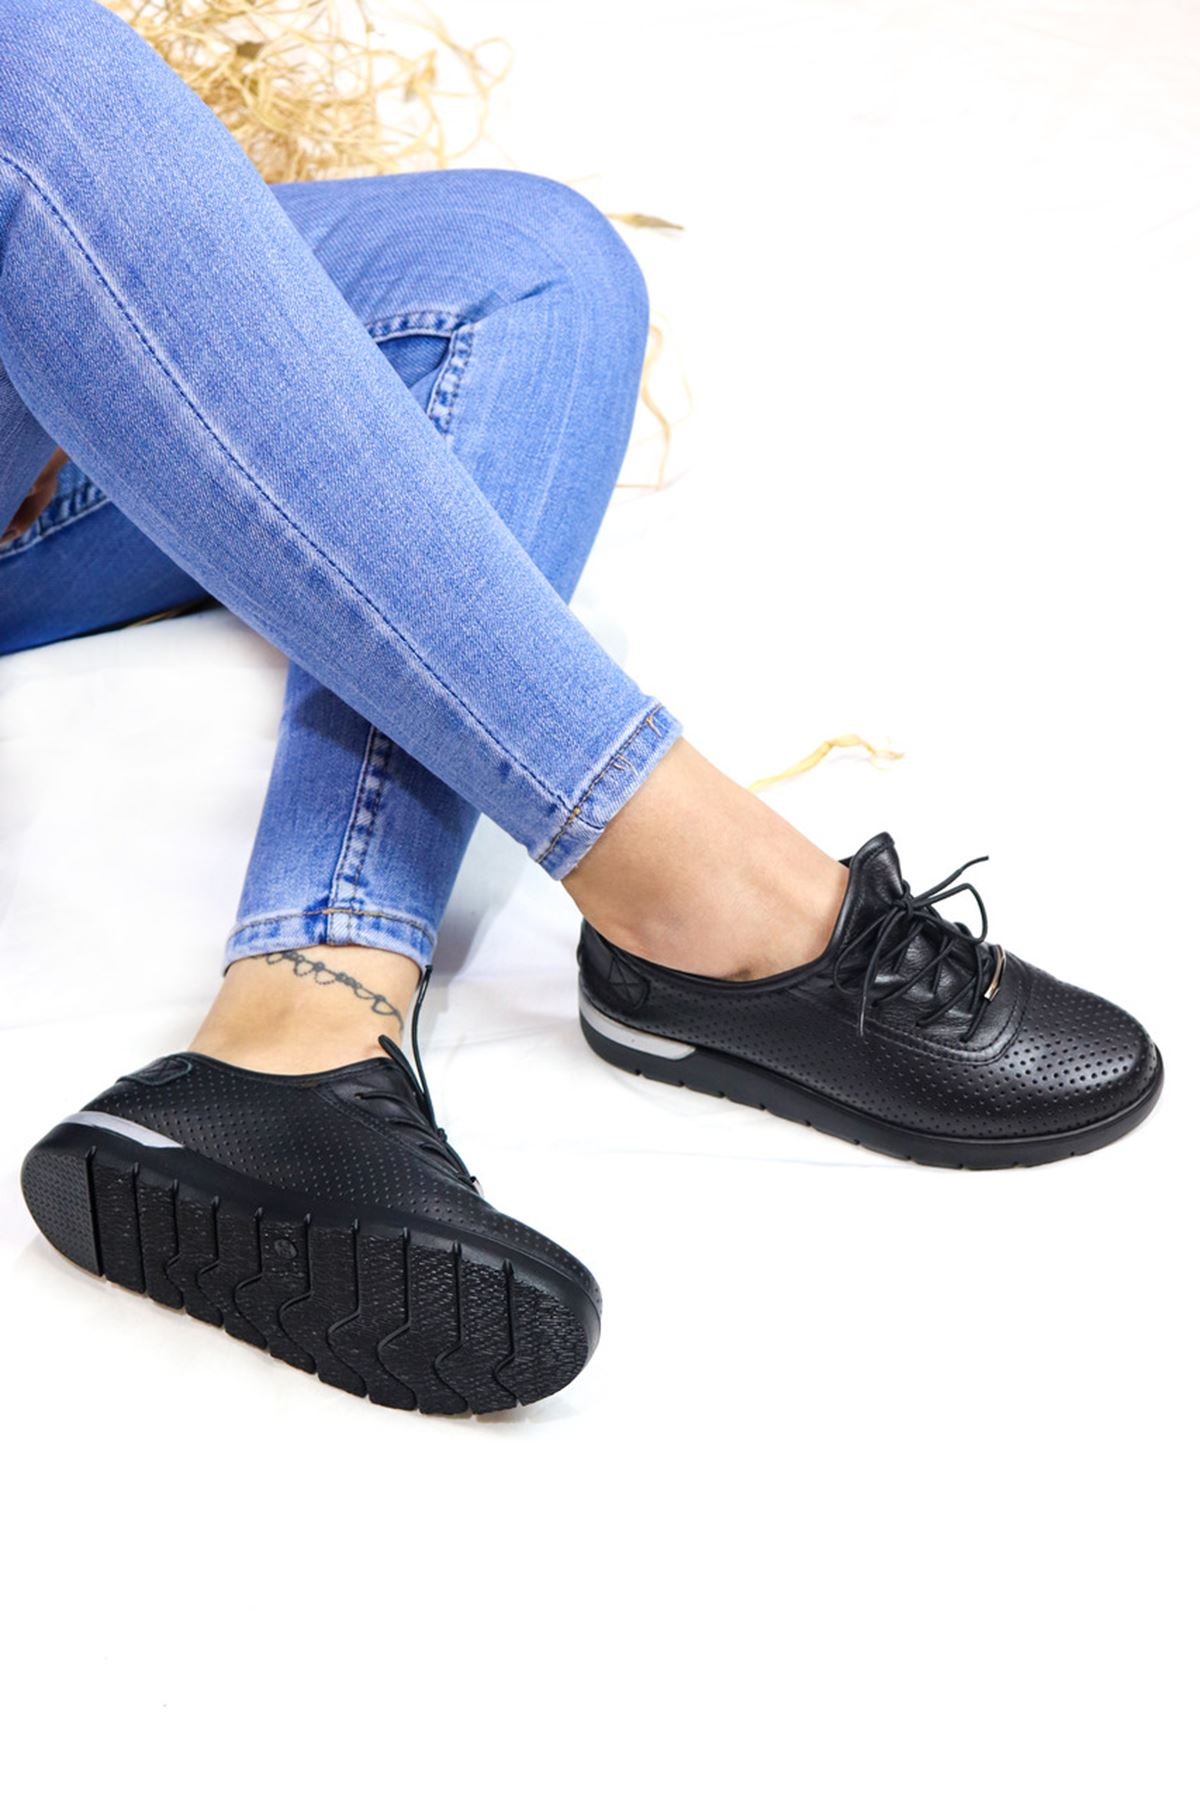 Trendayakkabı - 216 CMF - Siyah  Kadın Ayakkabısı